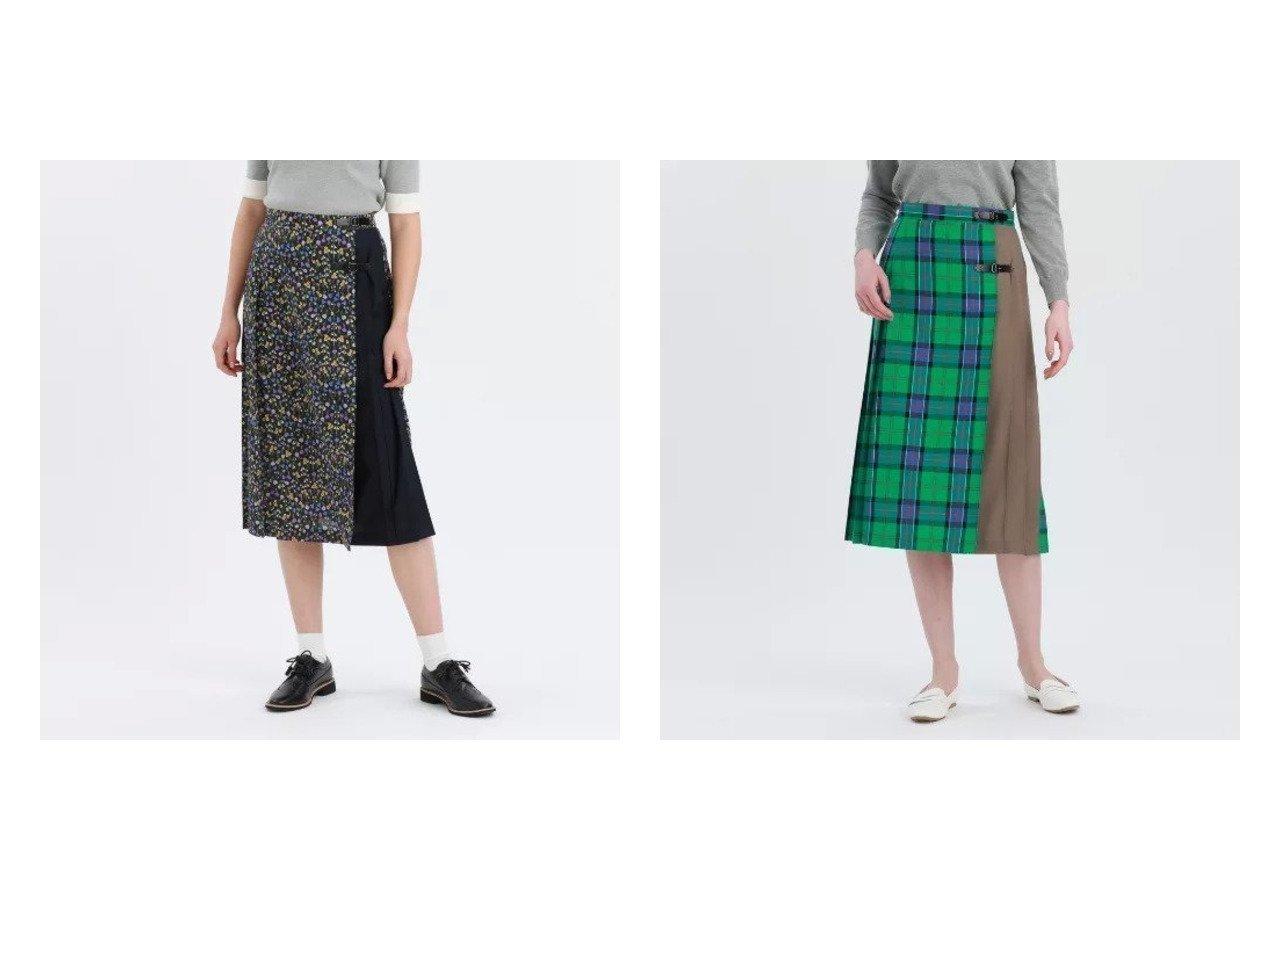 【MACKINTOSH PHILOSOPHY/マッキントッシュ フィロソフィー】のSnowblue Gardenキルトスカート&タータンチェックキルトスカート 【スカート】おすすめ!人気、トレンド・レディースファッションの通販 おすすめで人気の流行・トレンド、ファッションの通販商品 メンズファッション・キッズファッション・インテリア・家具・レディースファッション・服の通販 founy(ファニー) https://founy.com/ ファッション Fashion レディースファッション WOMEN スカート Skirt キルト シンプル チェック ベーシック マキシ ロング 別注 春 Spring 無地 洗える トレンド |ID:crp329100000031417